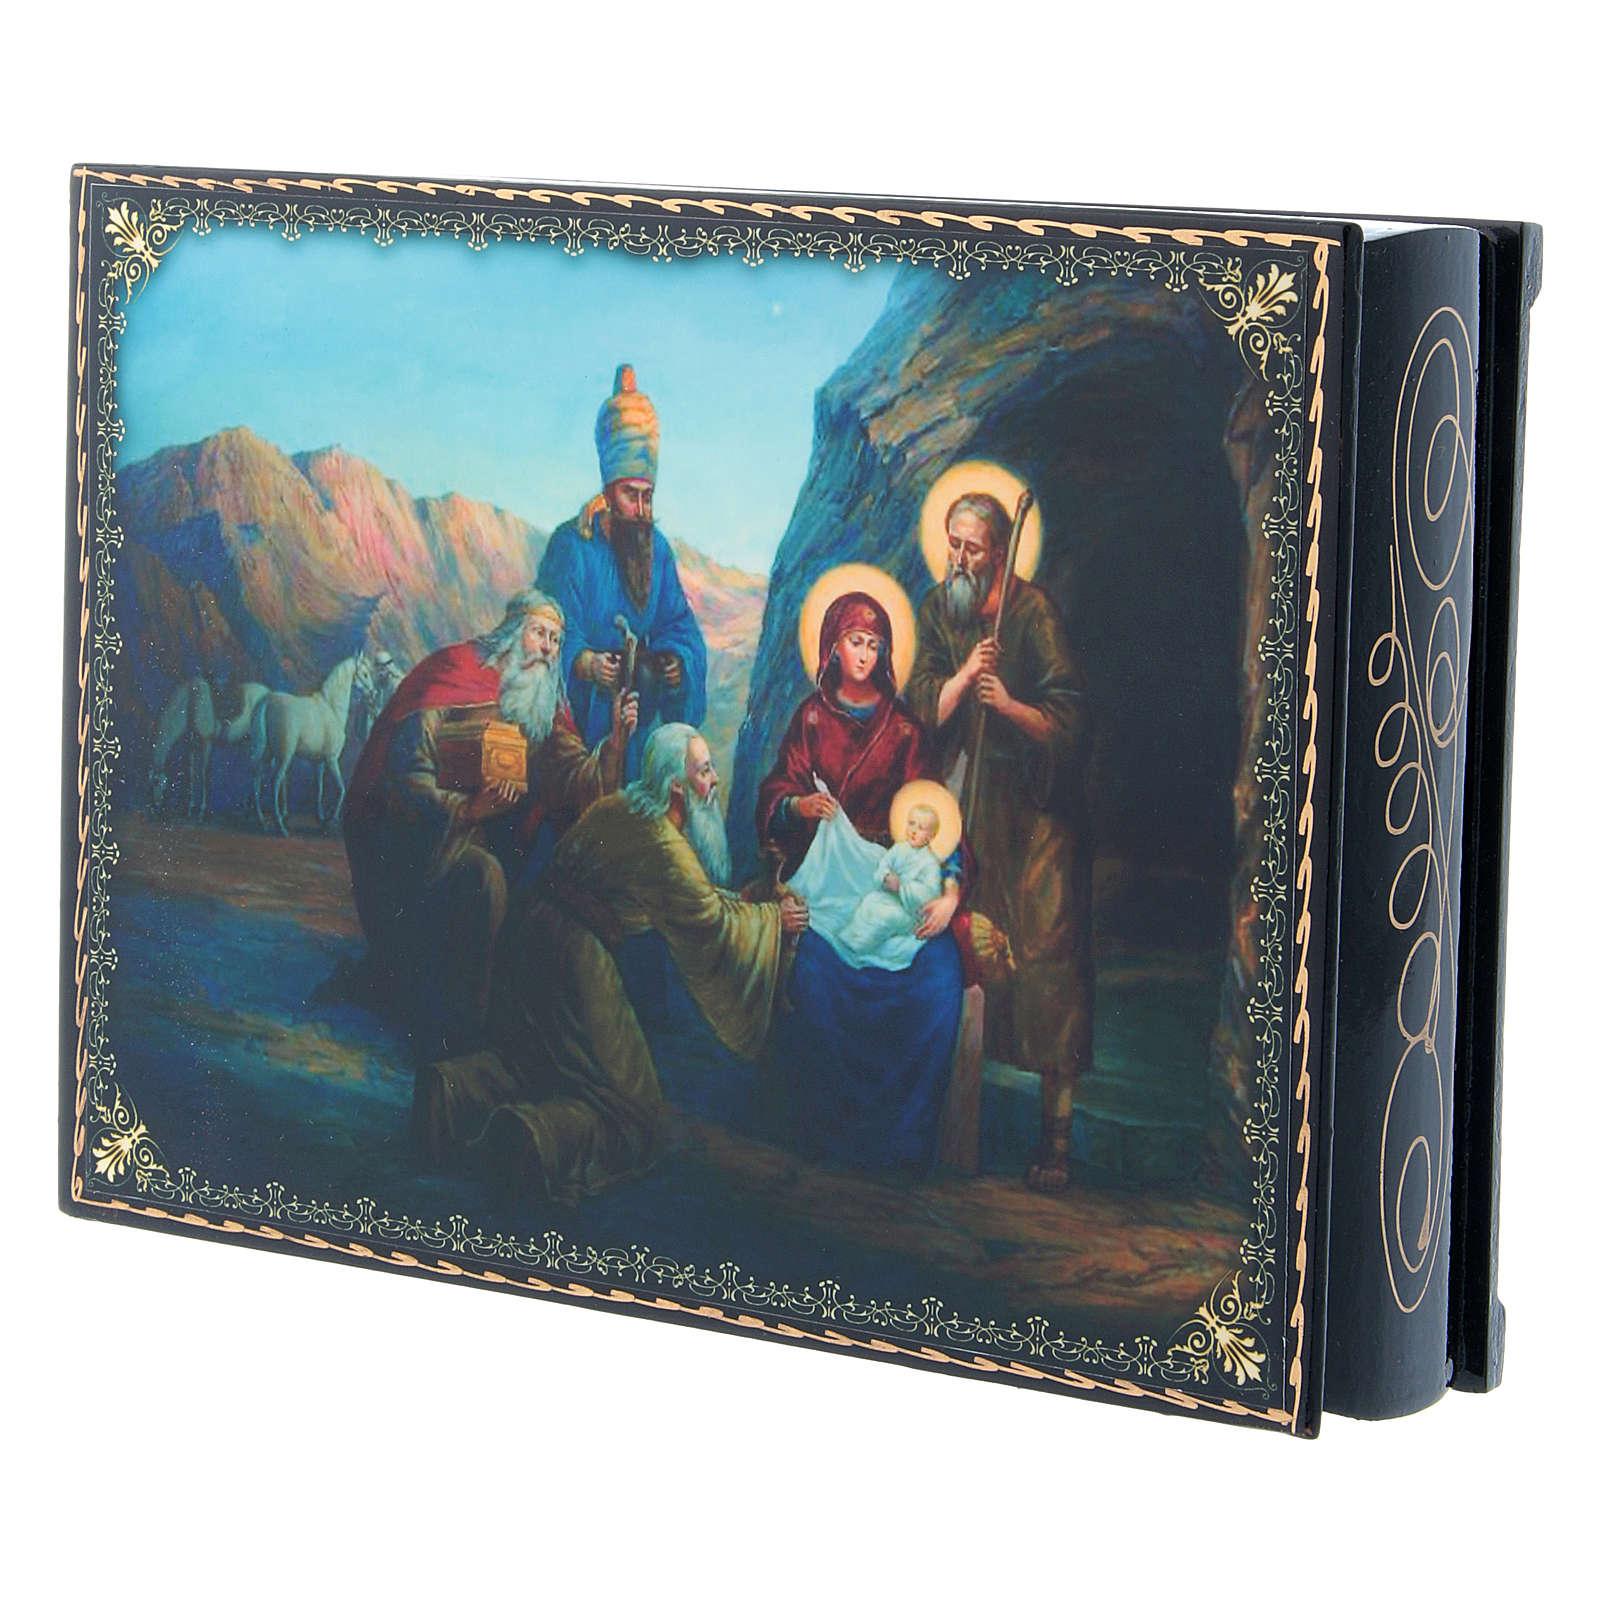 Scatoletta cartapesta russa decoupage La Nascita di Gesù Cristo e Adorazione dei Magi 22X16 cm 4